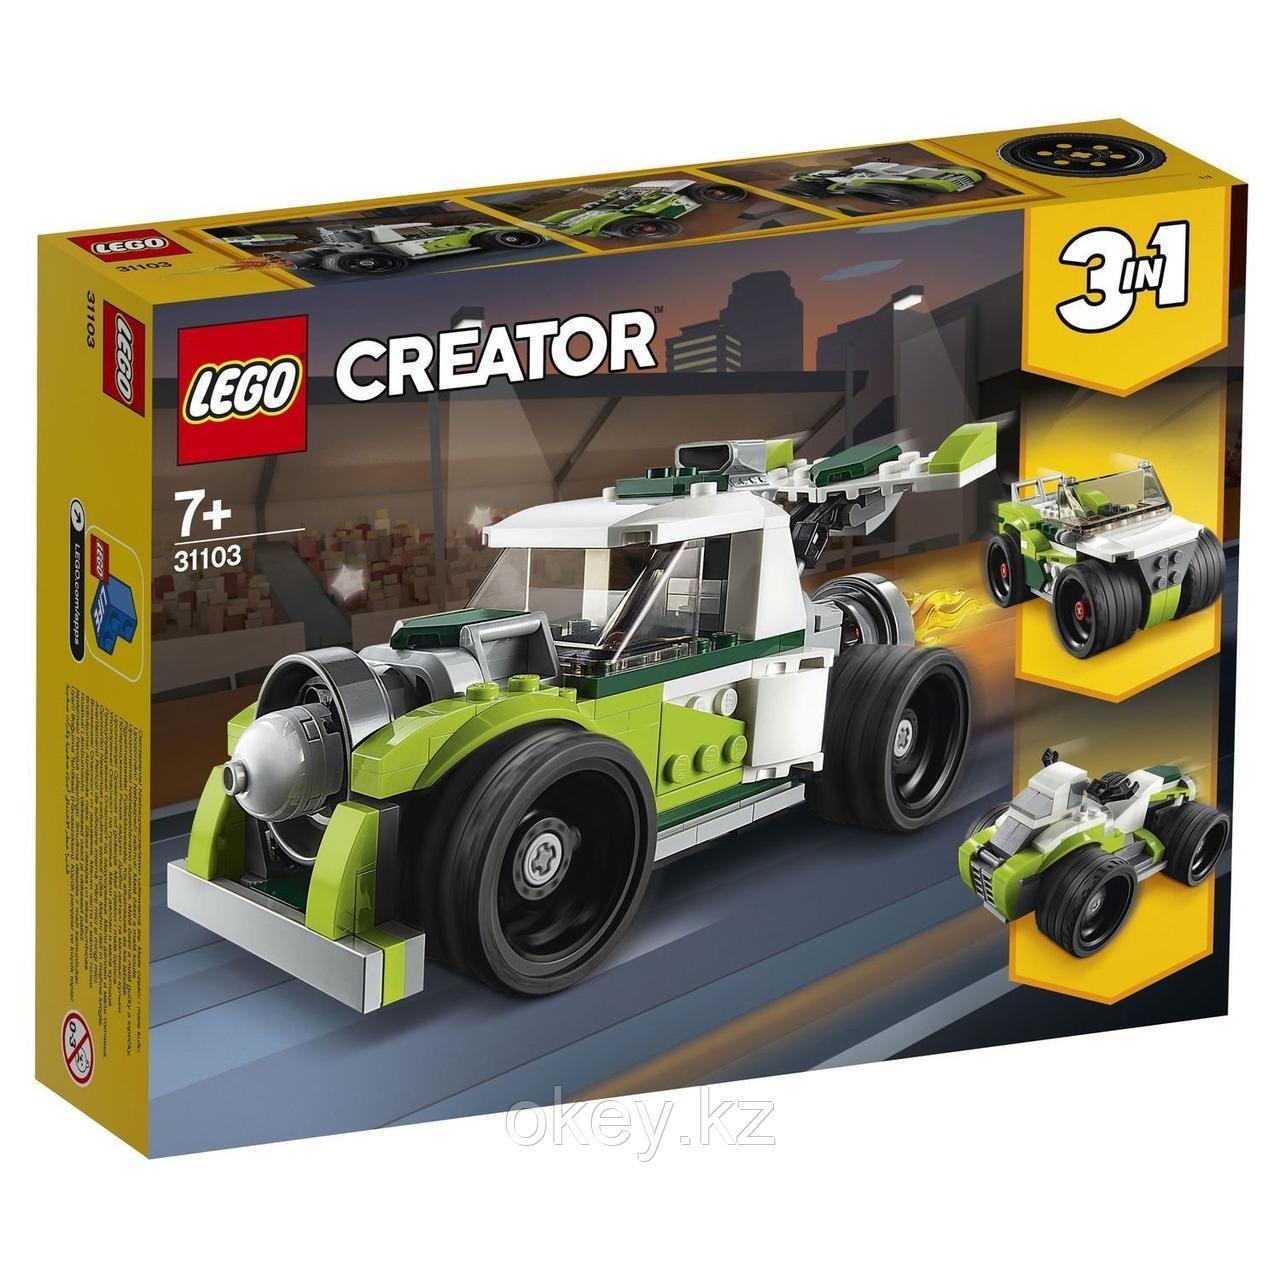 LEGO Creator: Грузовик-ракета 31103